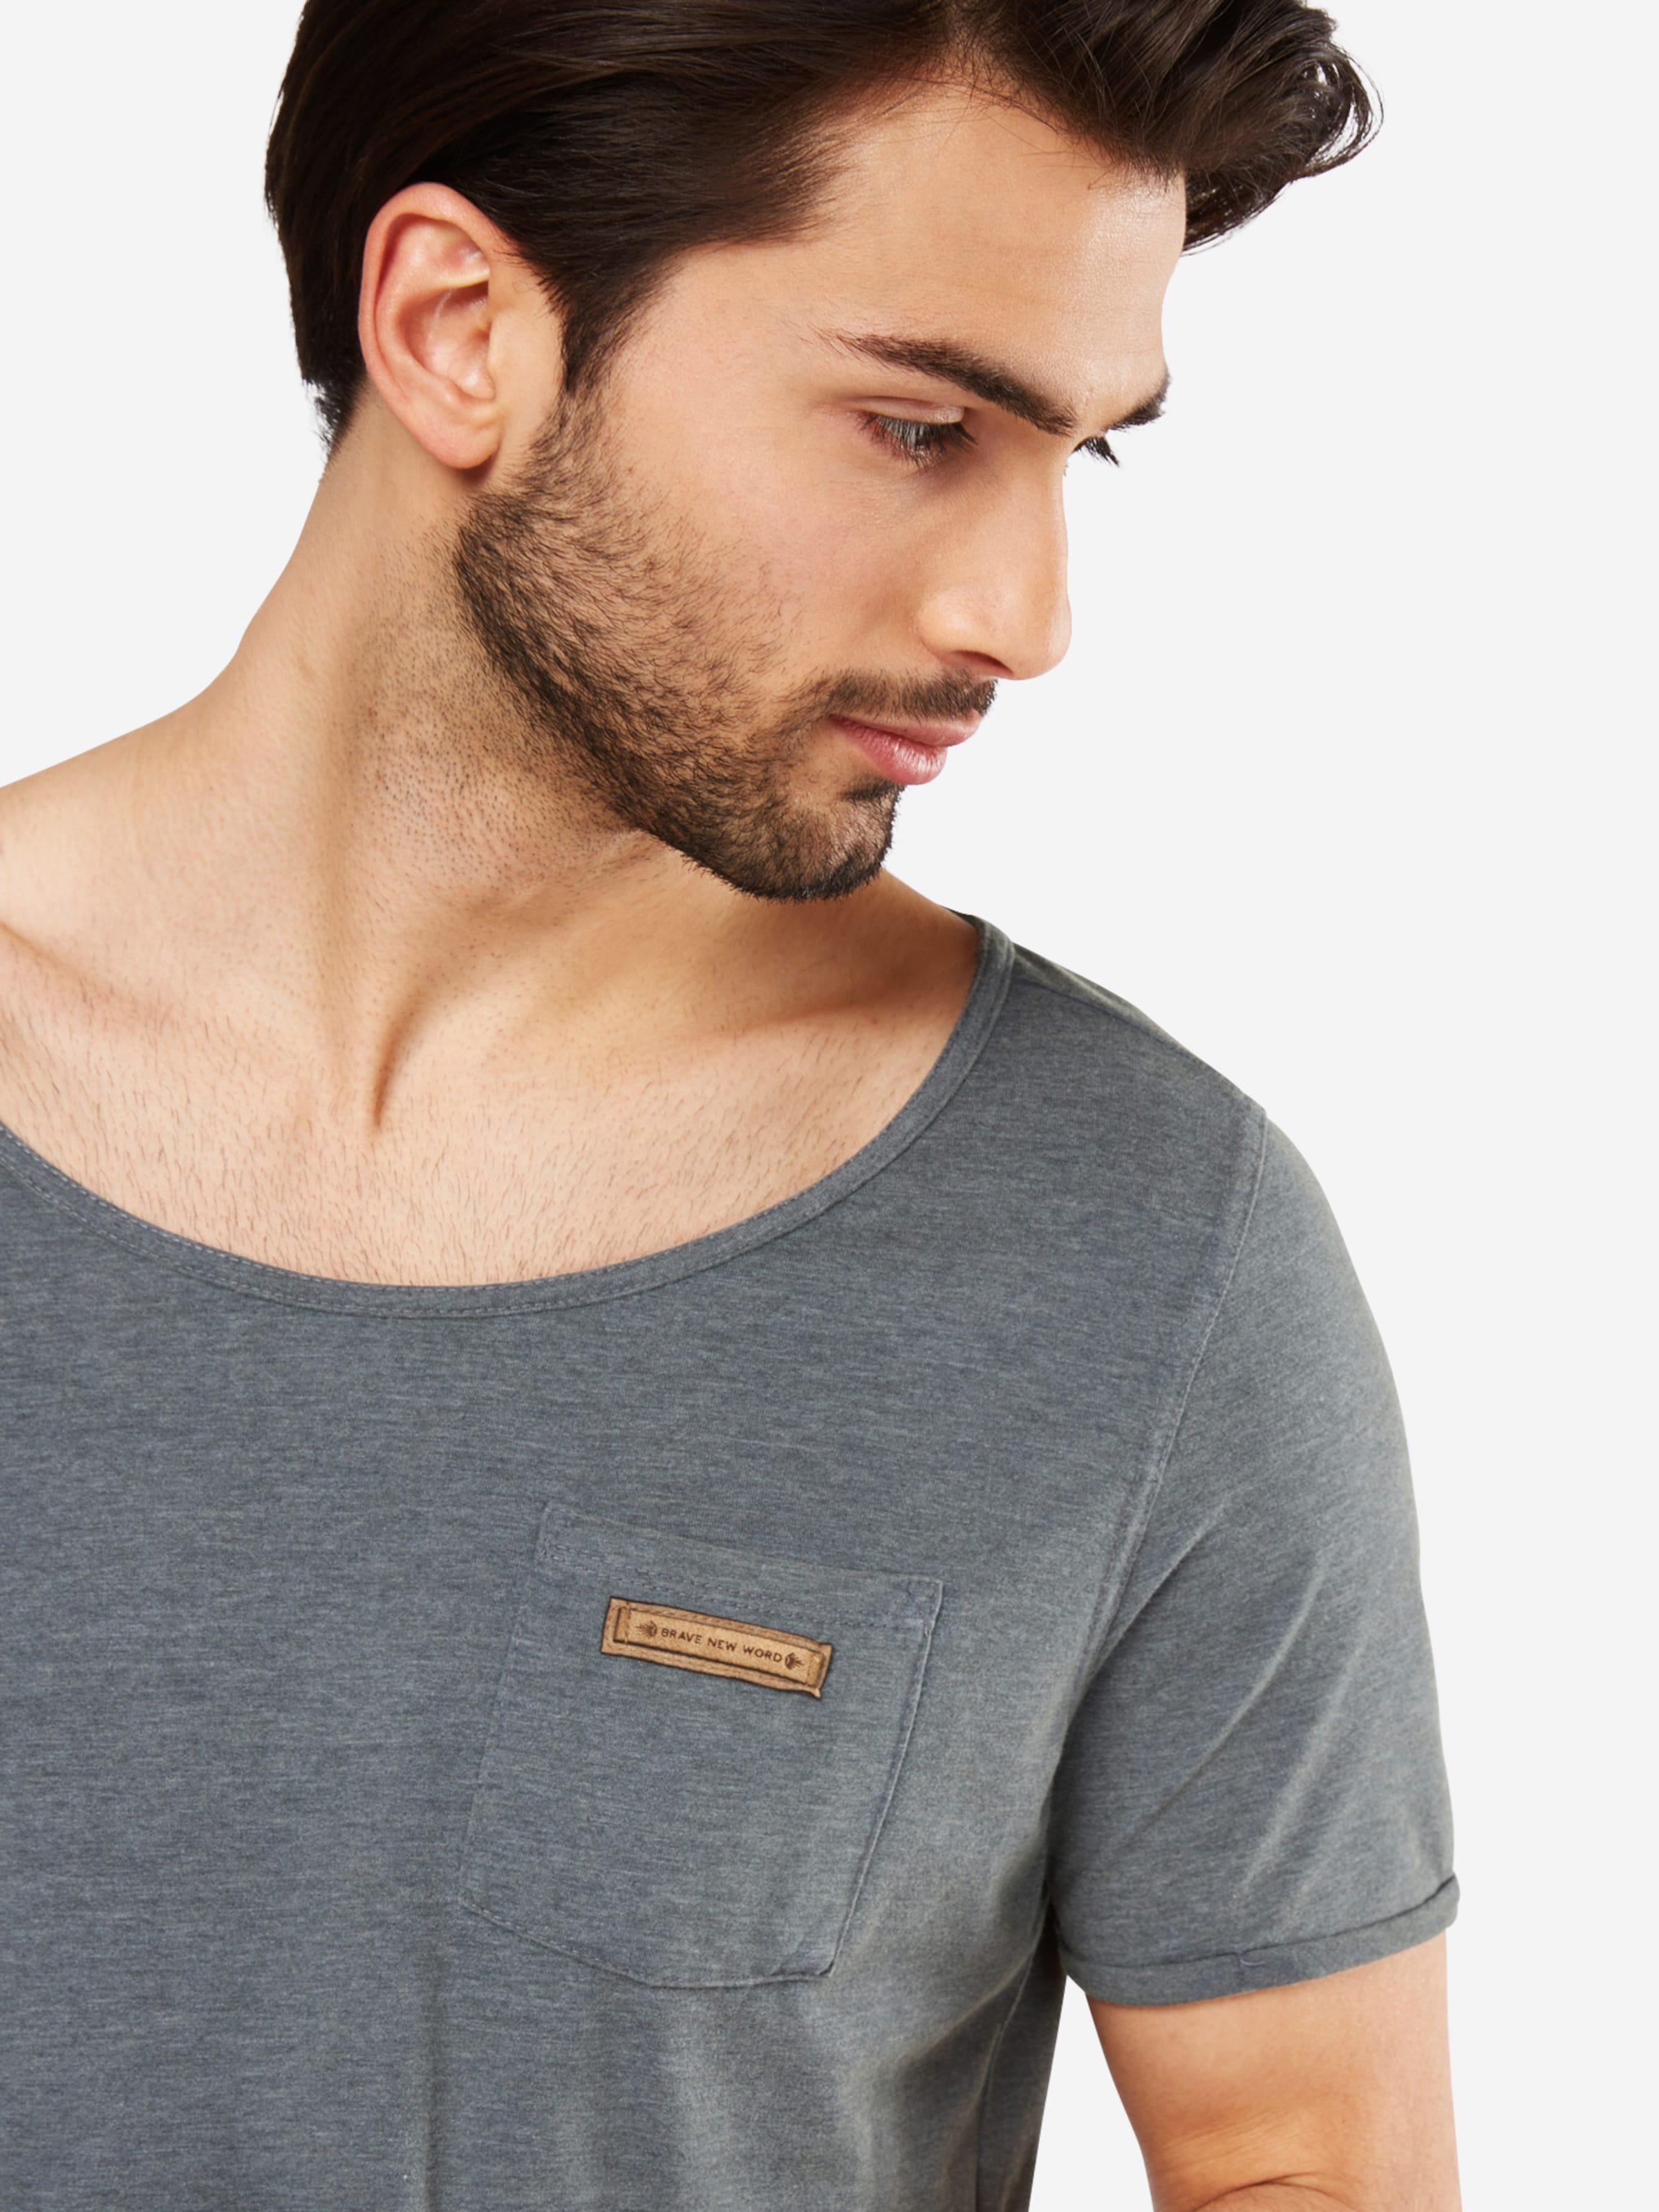 naketano T-Shirt 'Fashionopfa I' Neuesten Kollektionen Verkauf Online Günstig Kaufen Sehr Billig Günstig Kaufen Manchester Großen Verkauf eQi9Tt9